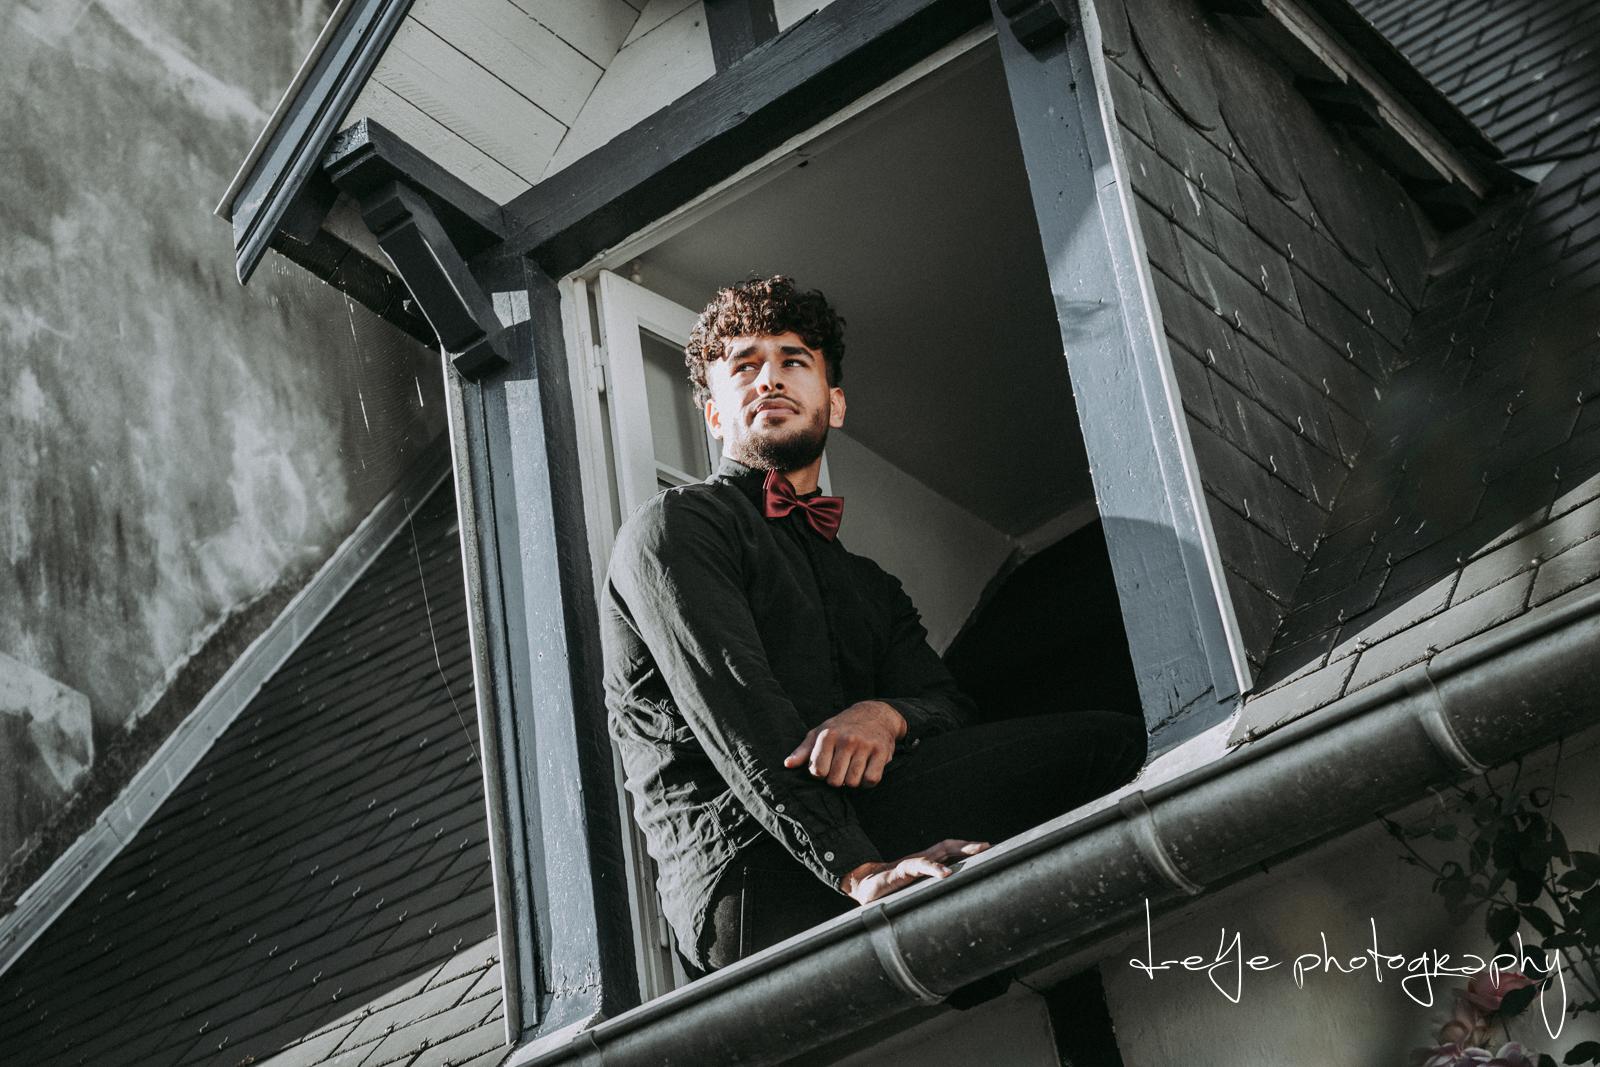 Bruidegom zit in het raam. Foto: D-eYe Photography